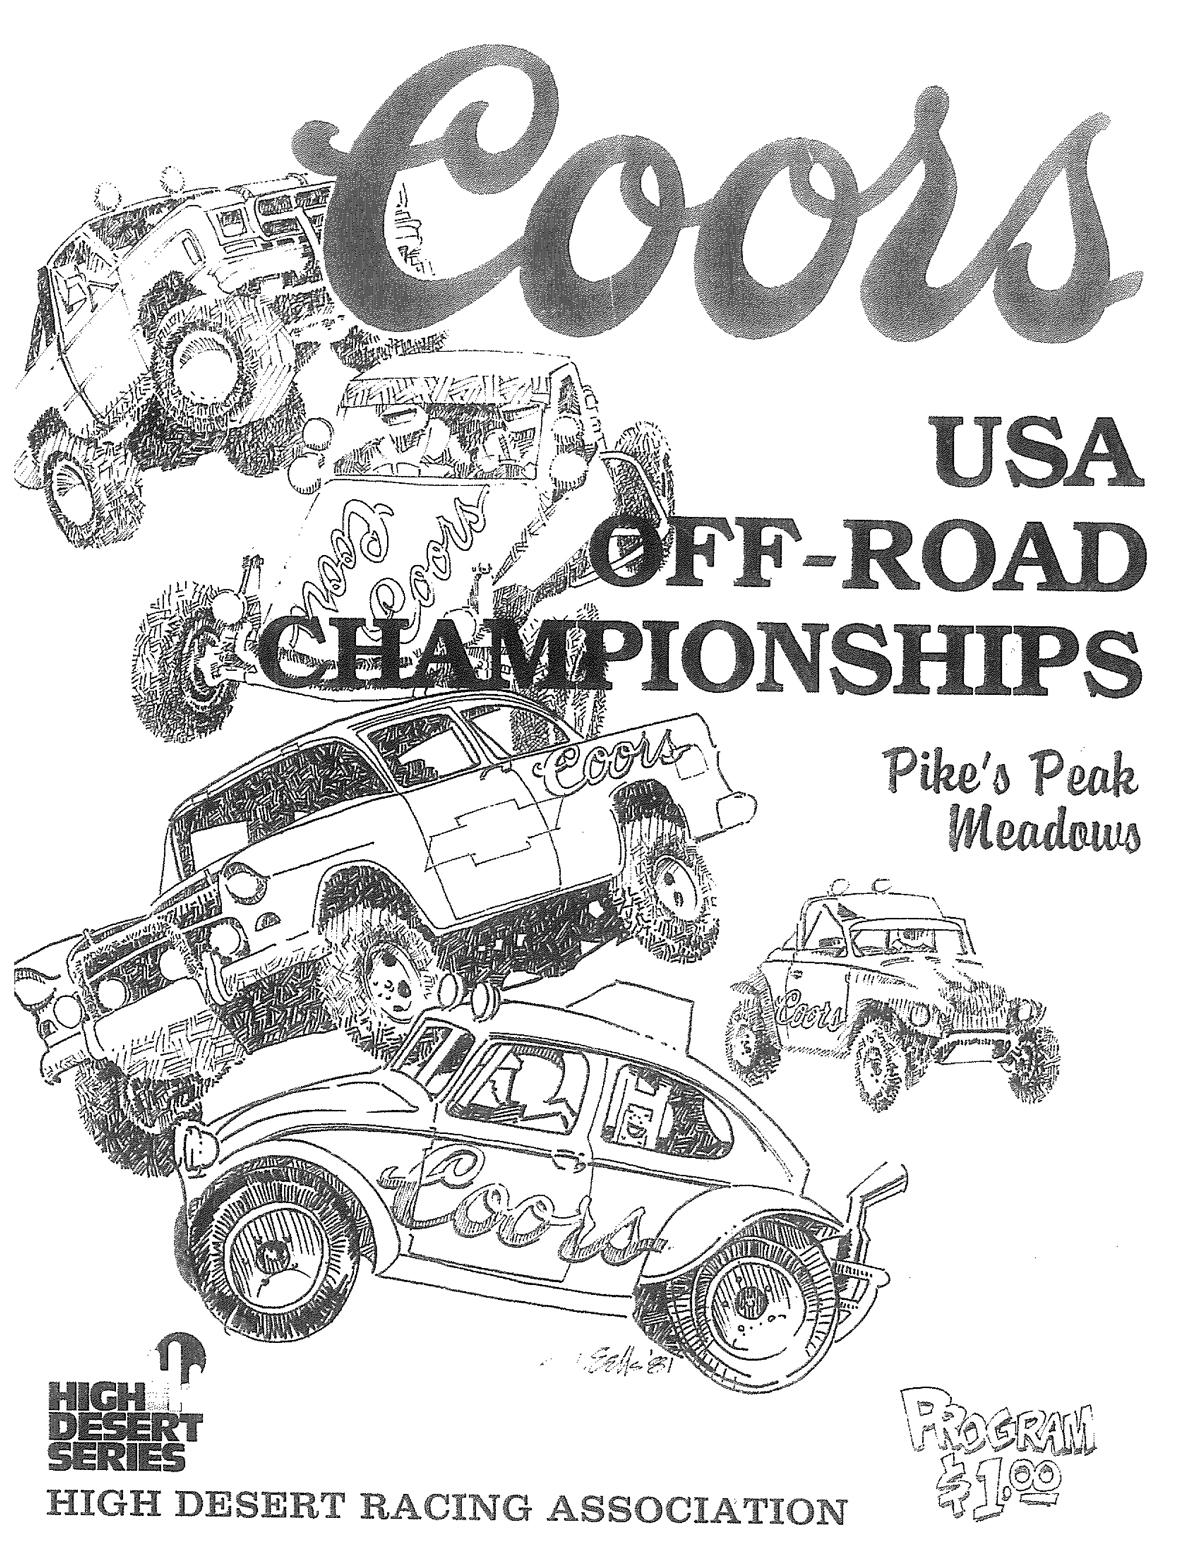 Pikes_Peak_Meadows_1981.jpg